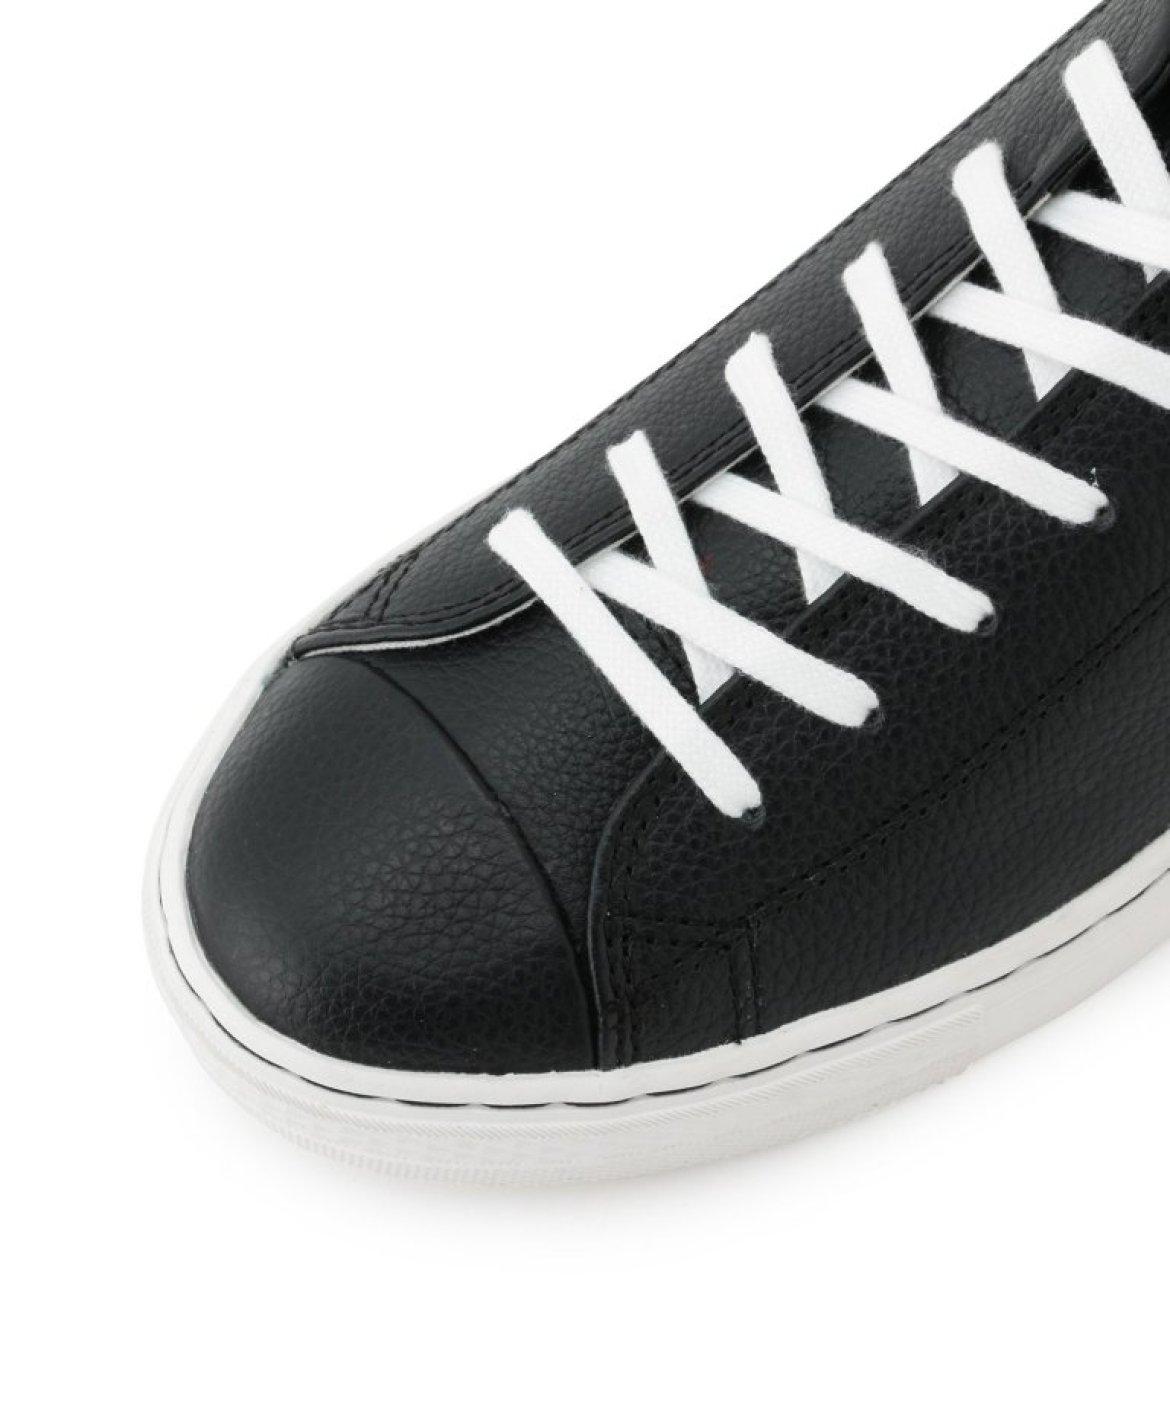 アダム エ ロペ × コンバース レザー オールスター クップ (ウィメンズ) adam-et-rope-converse-leather-all-star-coupe-ox-EUA71000-toe